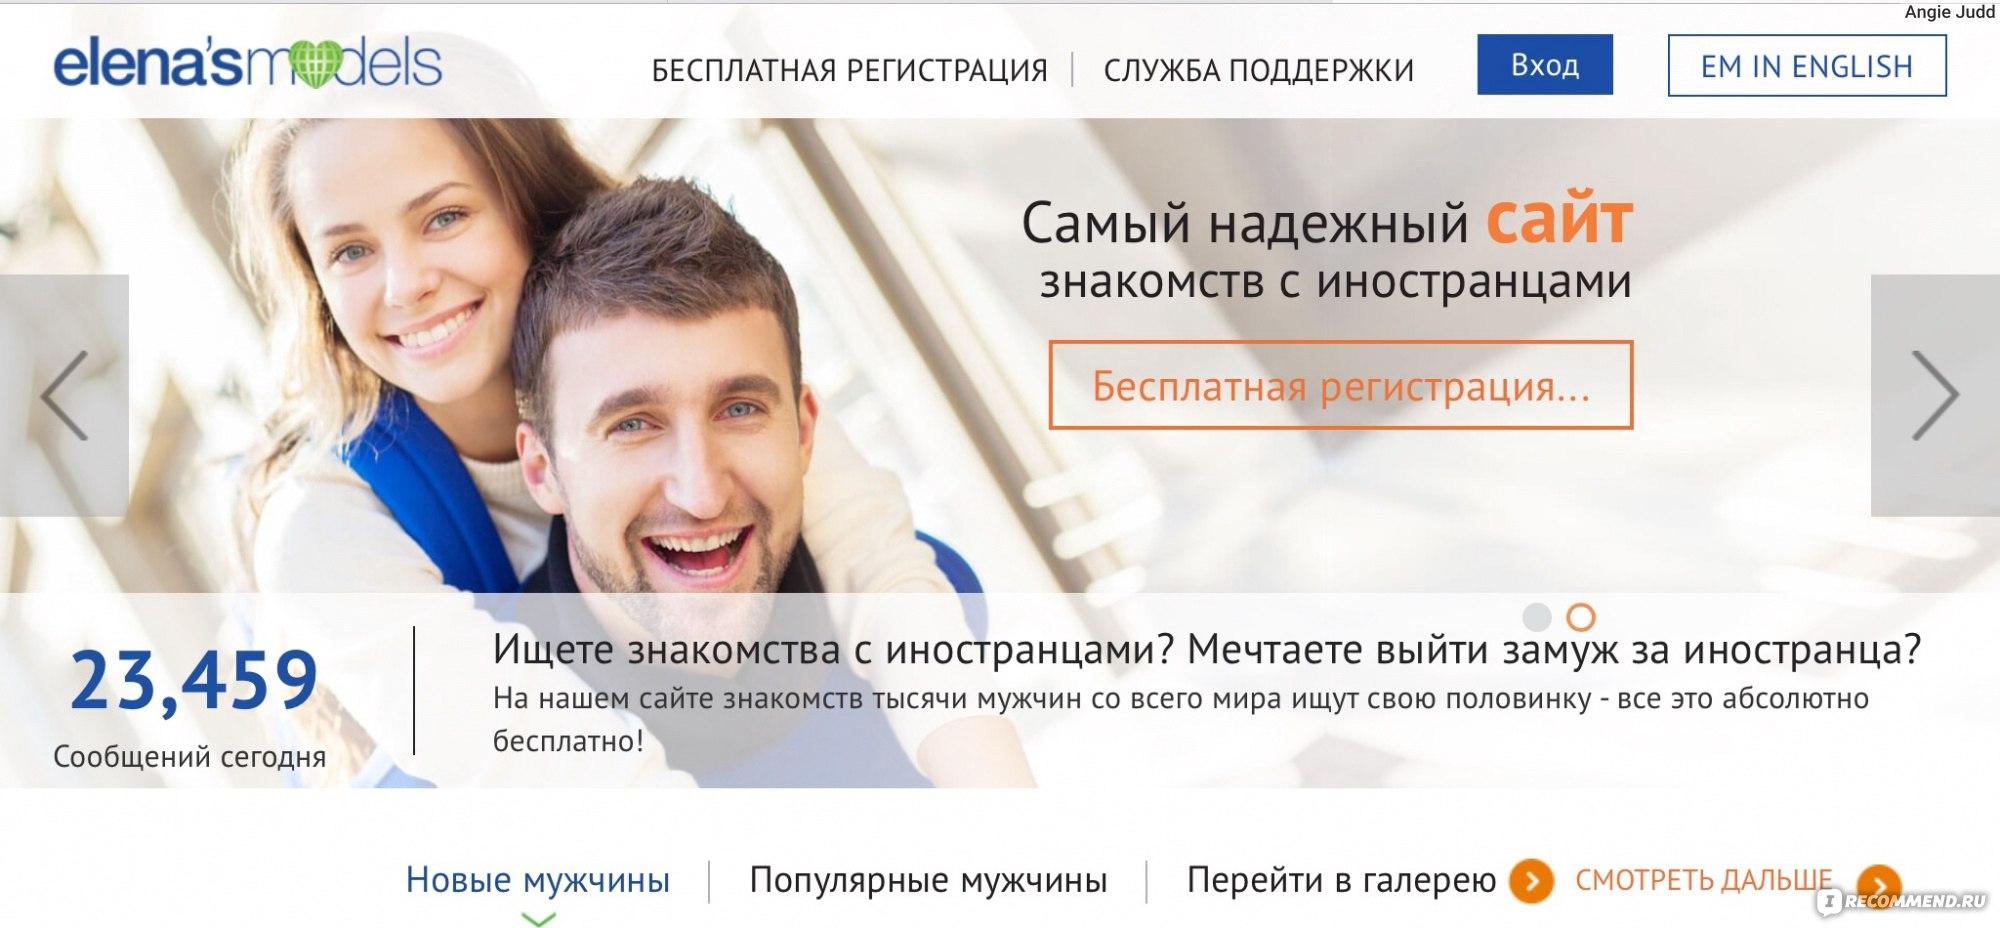 Нормальный Сайт Знакомства С Иностранцами